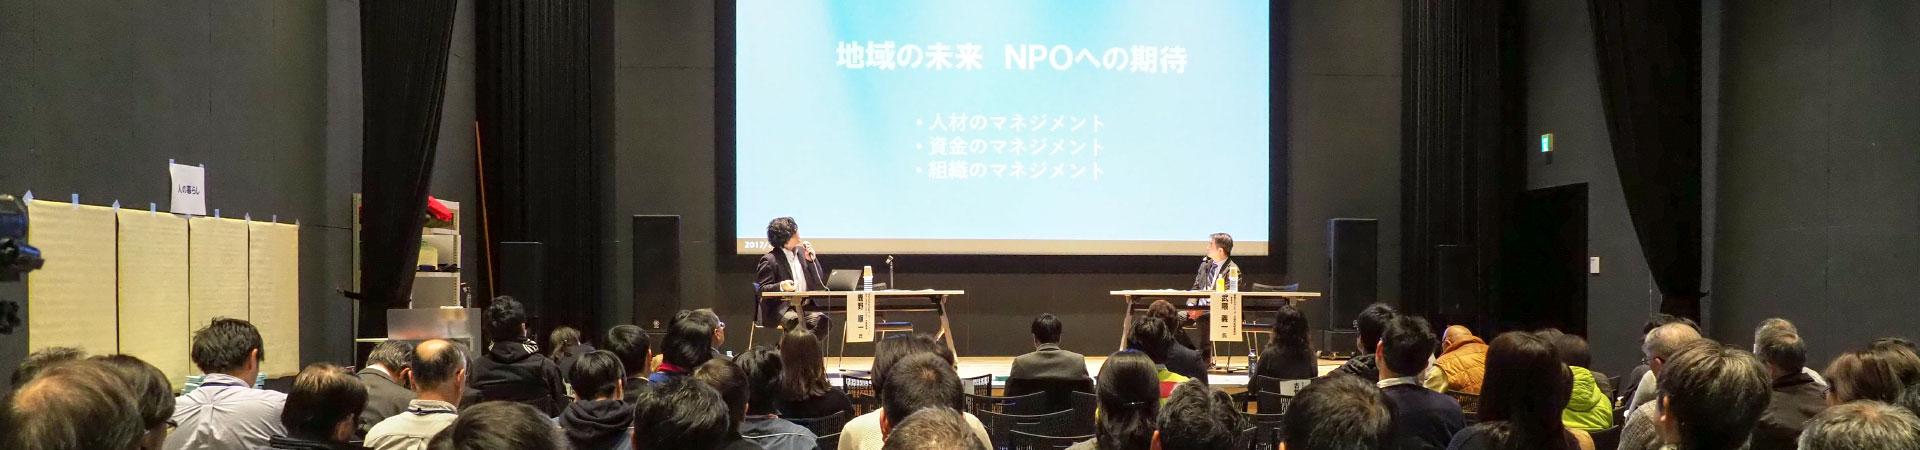 東日本大震災被災3県の沿岸NPO支援組織のネットワーク化事業